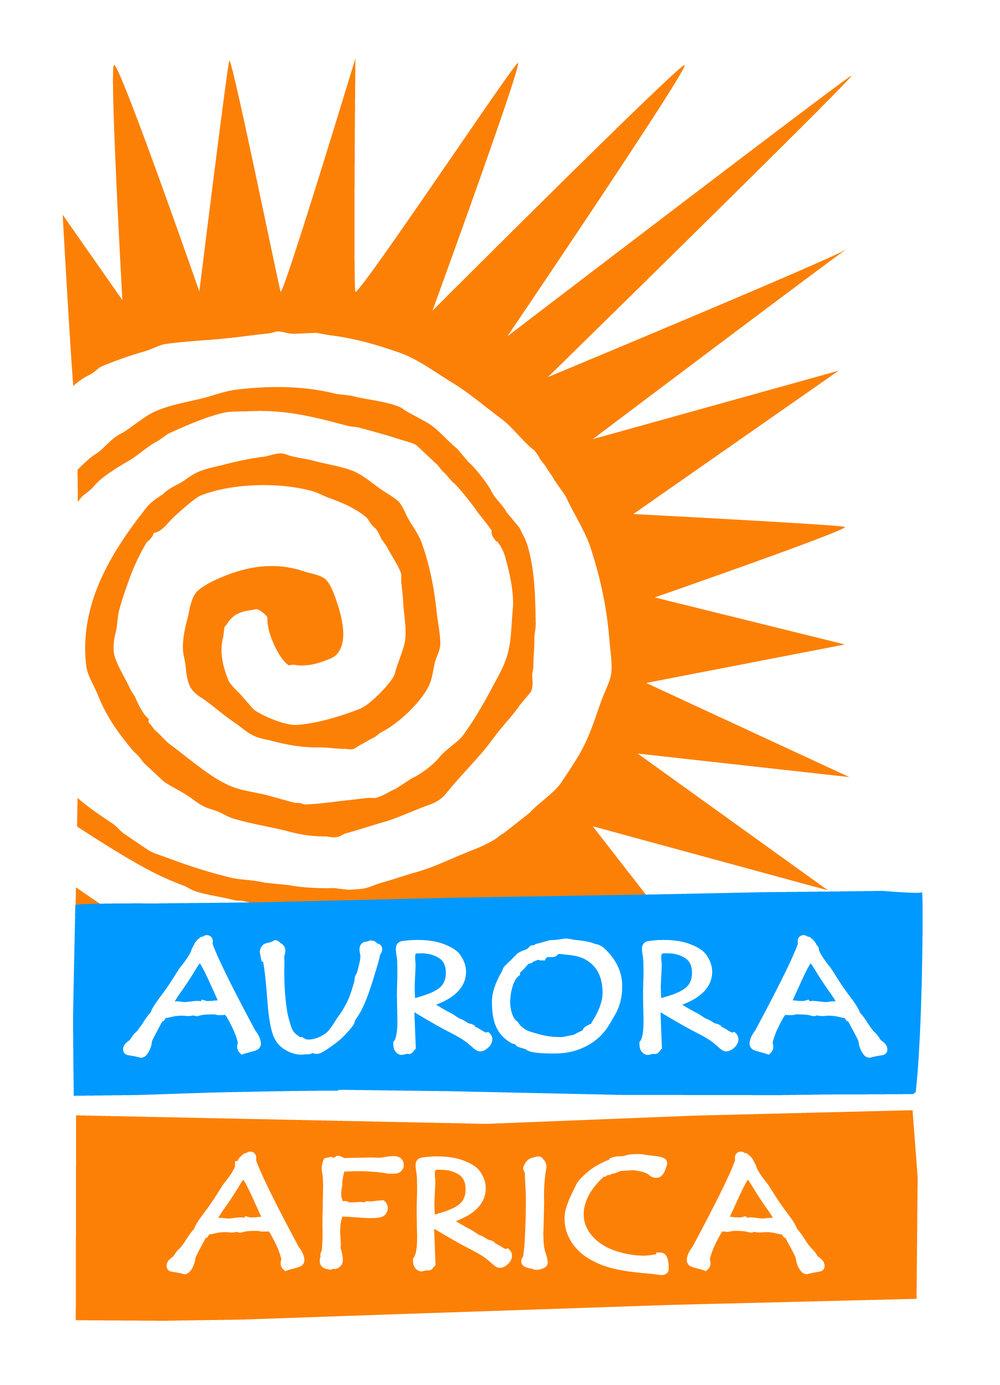 AuroraAfricaLogo.jpg